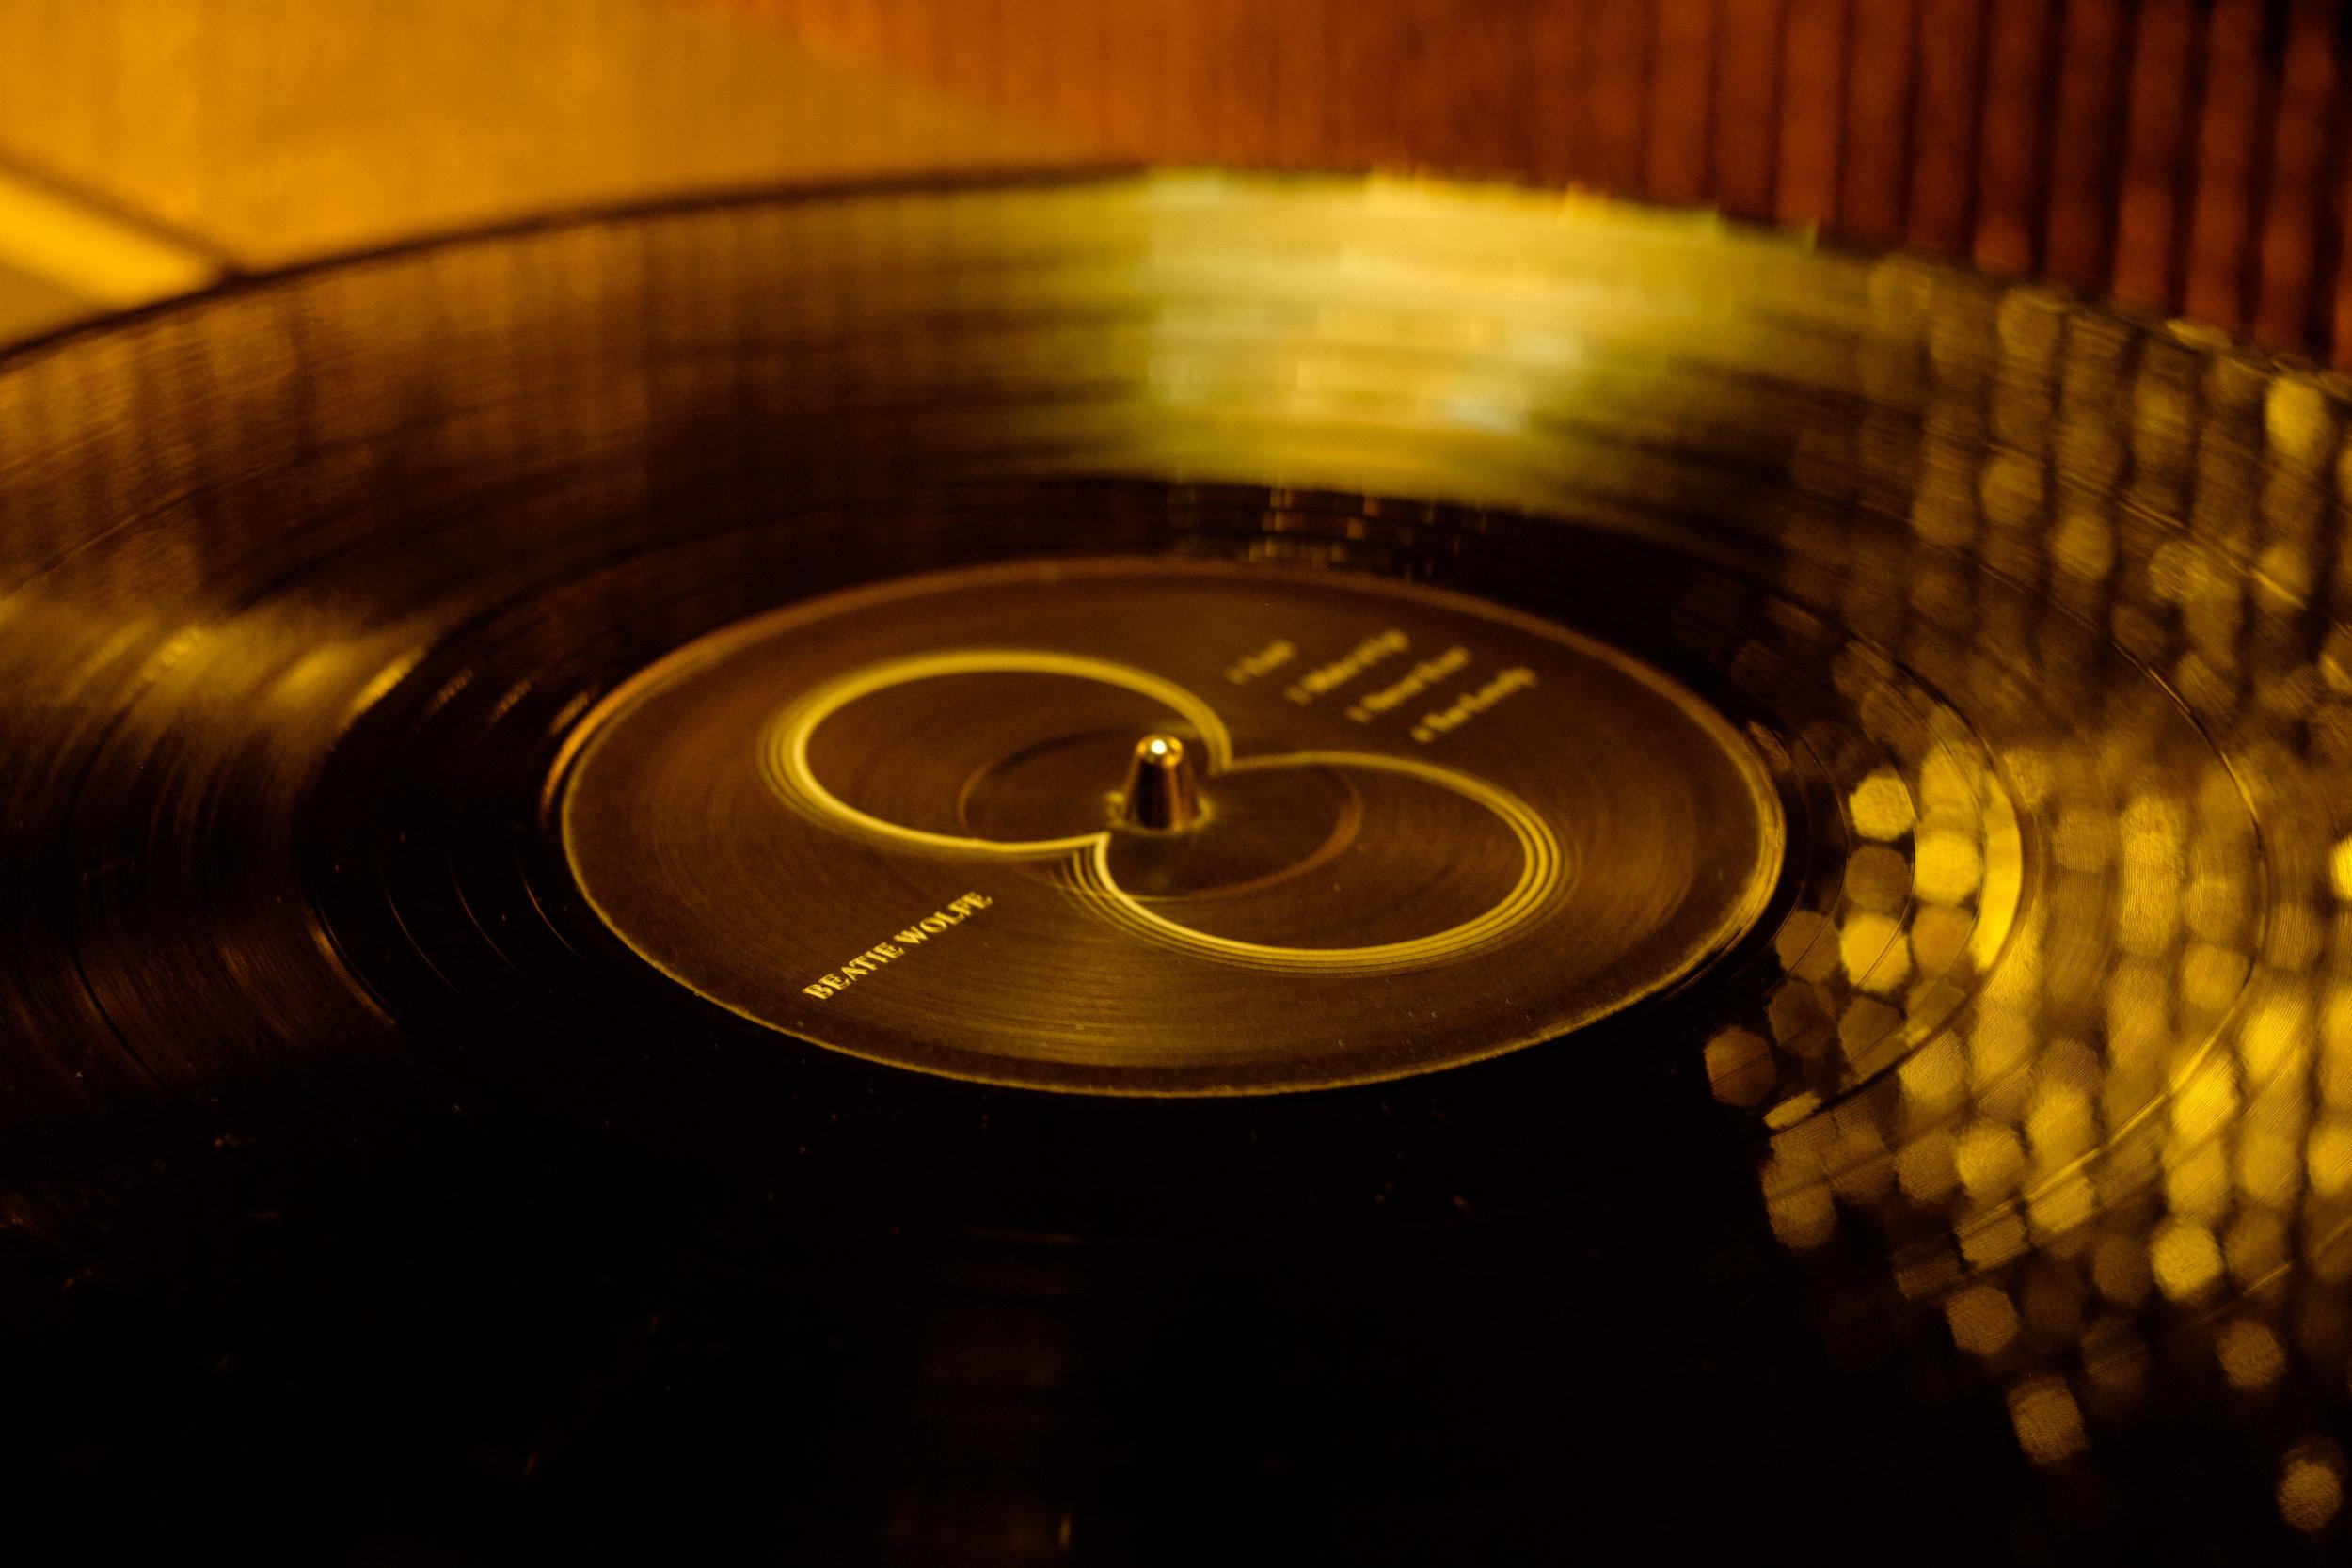 8ight Album in LP